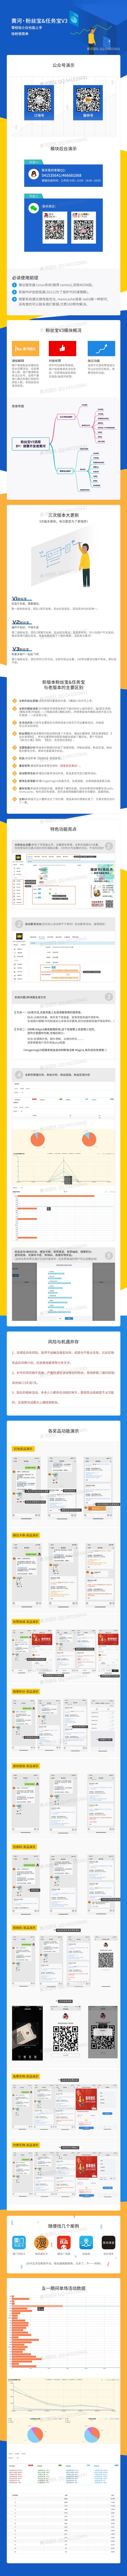 微擎微赞通用模块:黄河·粉丝宝 v11.3.5 全开源版